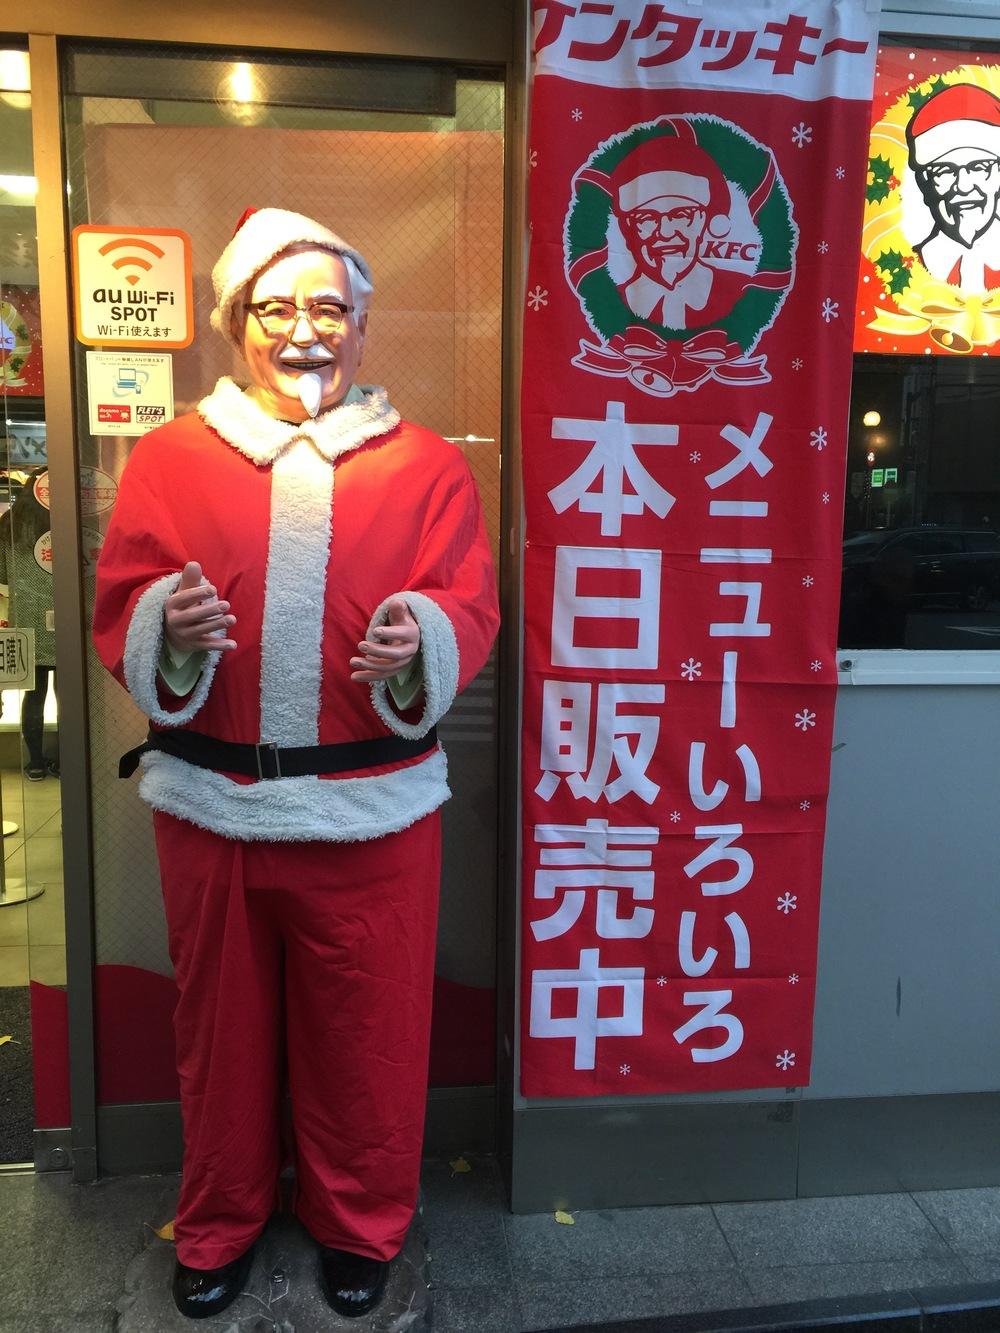 Santa! I mean Col. Sanders.